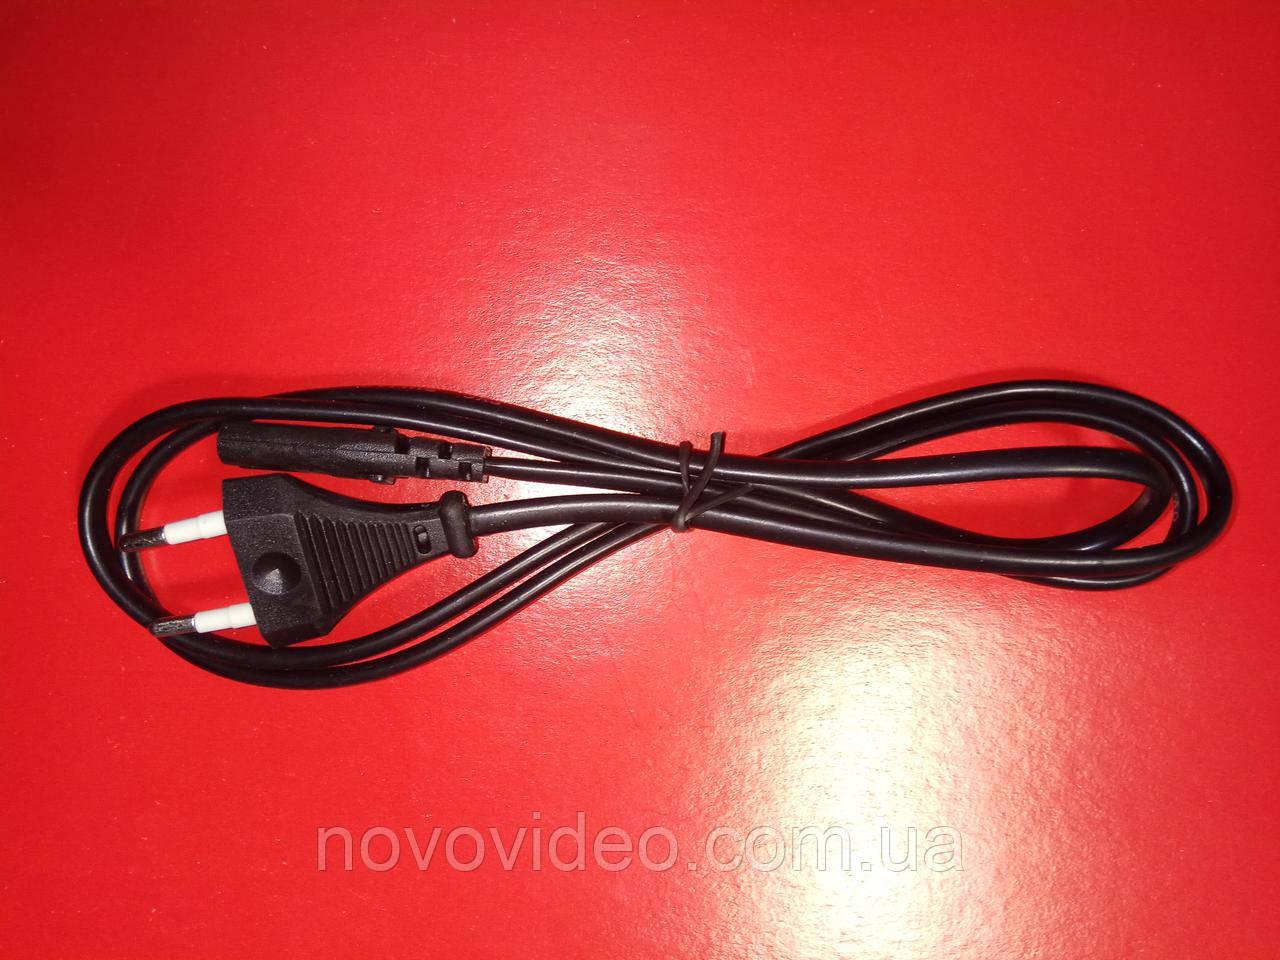 Шнур 220 вольт для радиоприемника